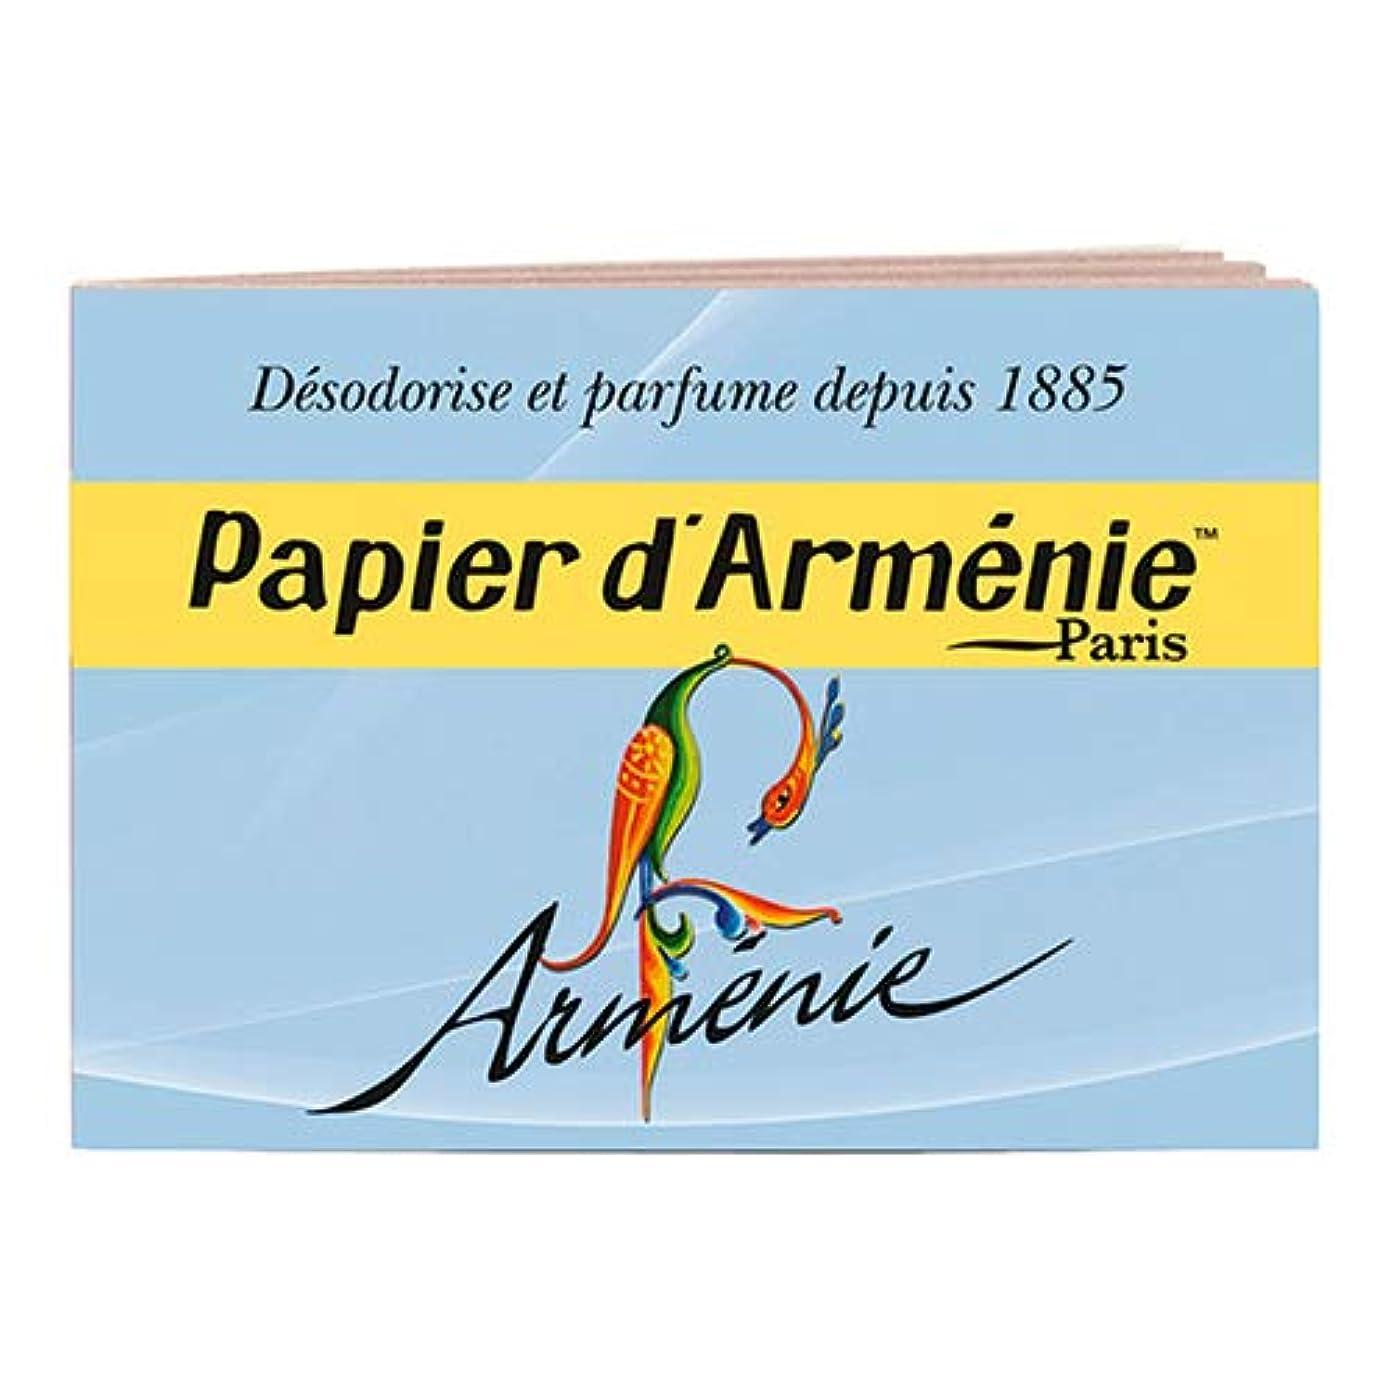 我慢するクロール間違いなくパピエダルメニイ トリプル (青) 1冊(1シート3回分×12枚/36回分) アルメニイ(アニー) 紙のお香 インセンス PAPIER D'ARMENIE [並行輸入品]